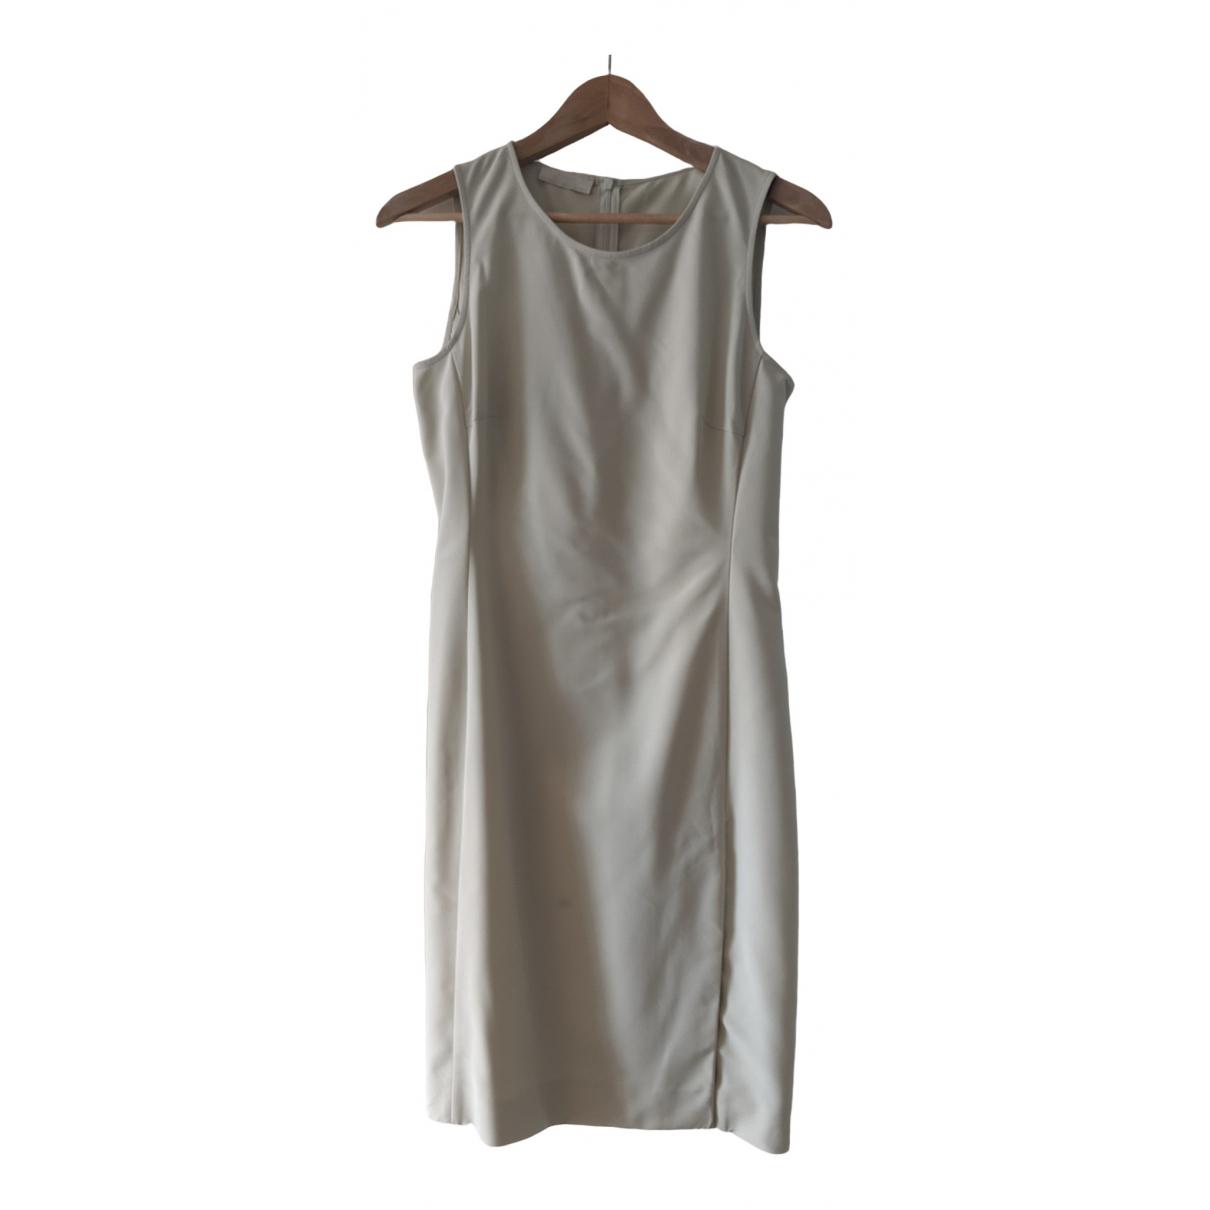 Prada \N Beige dress for Women 40 IT